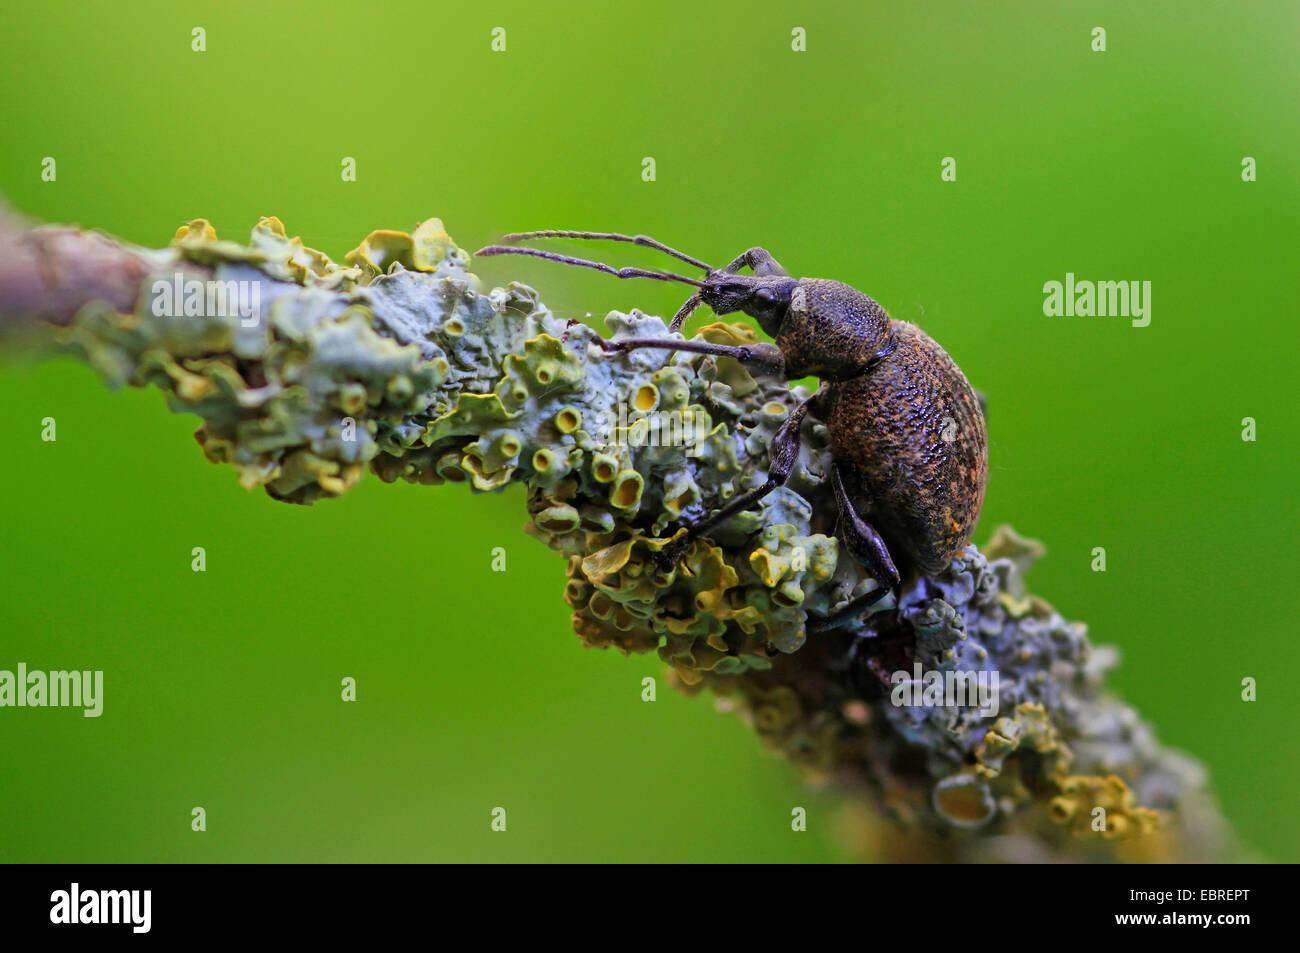 Gorgojo de cine negro, el gorgojo de la vid, el gorgojo de la vid europea (Otiorhynchus sulcatus, Brachyrhinus sulcatus), Imagen De Stock